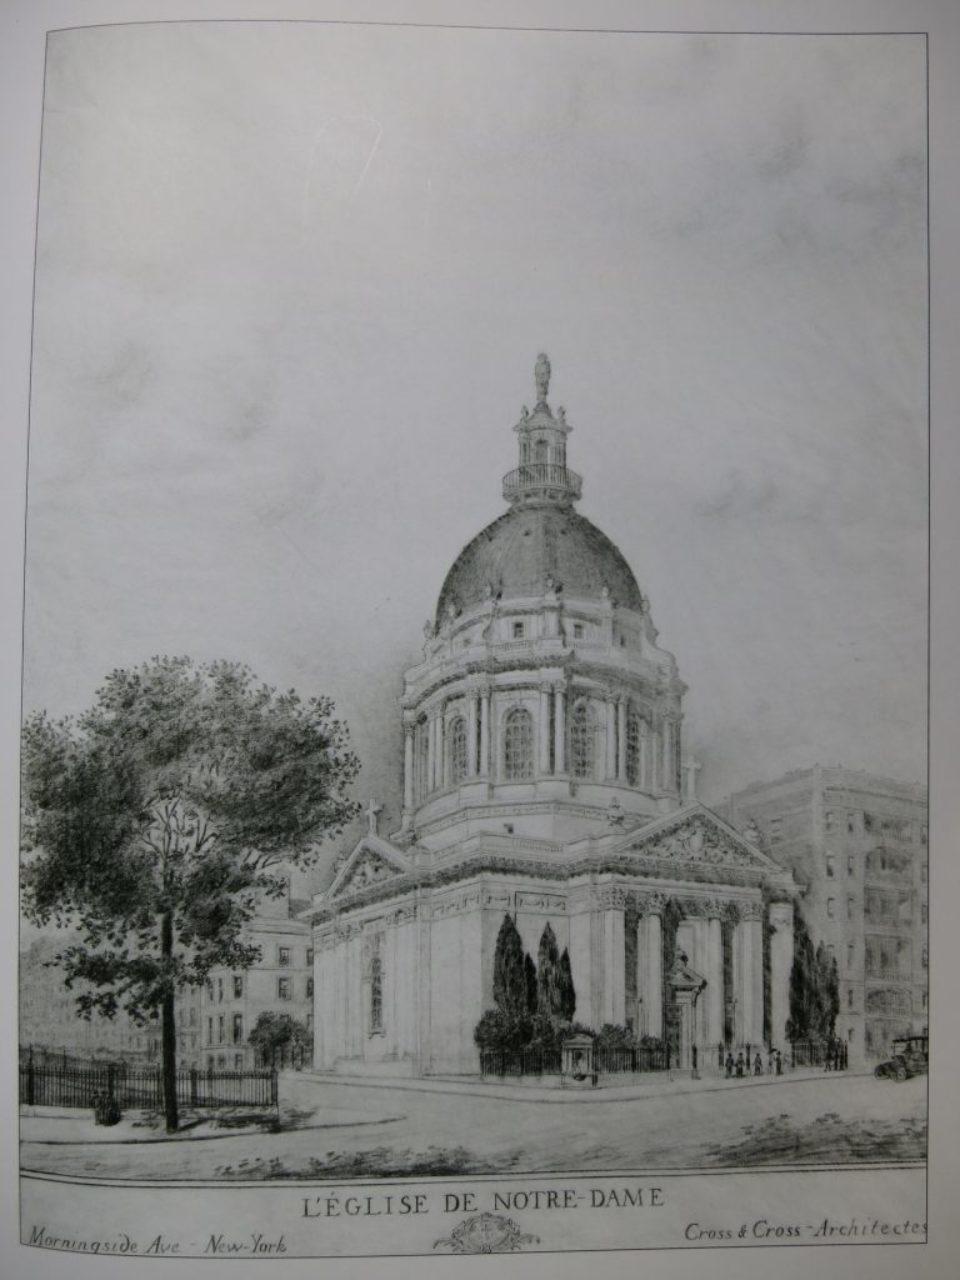 Church of Notre Dame L'Eglise de Notre-Dame, pencil rendering ca. 1910